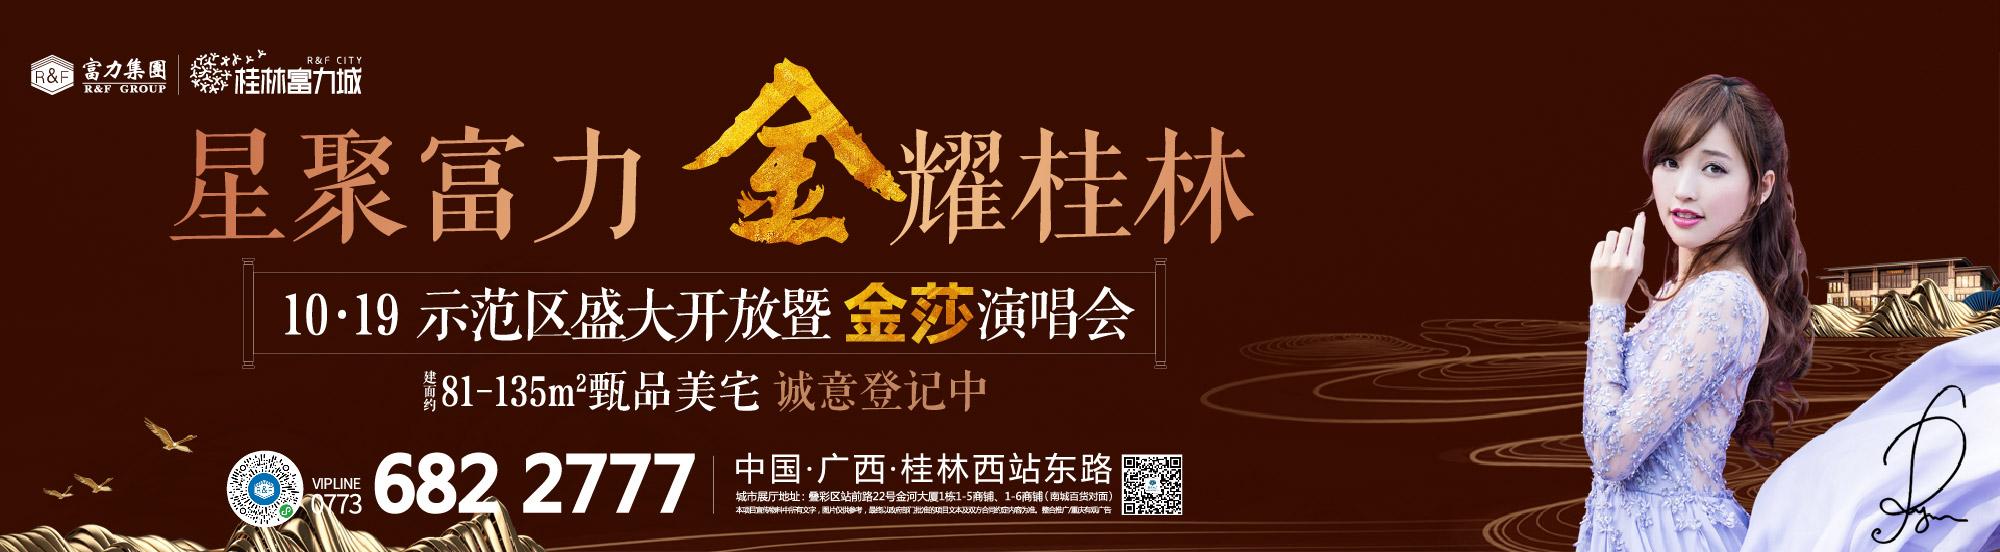 桂林富力城10月19日示范区盛大开放暨金沙演唱会